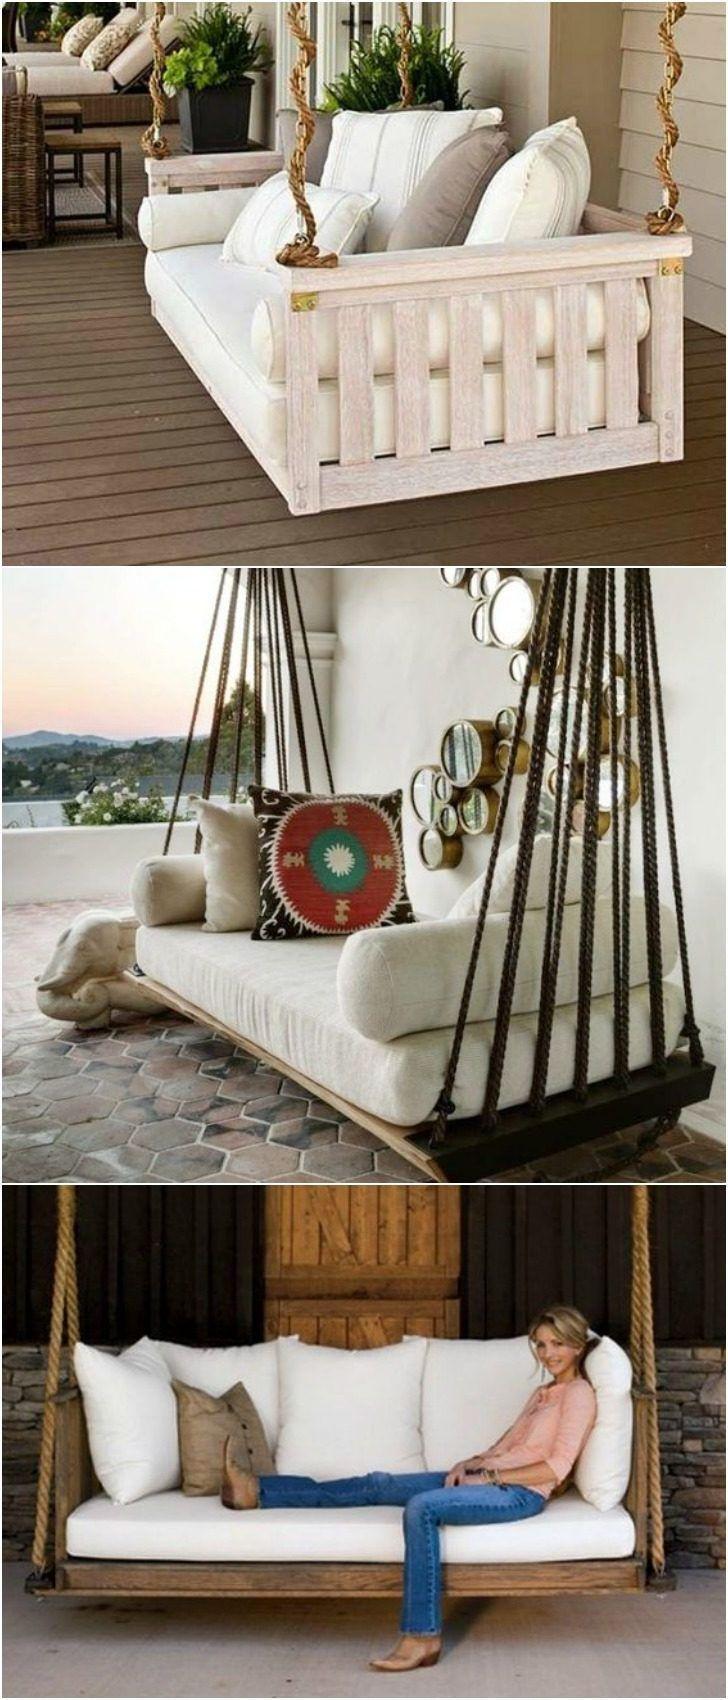 die 25 besten ideen zu balkon gestalten auf pinterest balkon balkon ideen und balkonideen. Black Bedroom Furniture Sets. Home Design Ideas